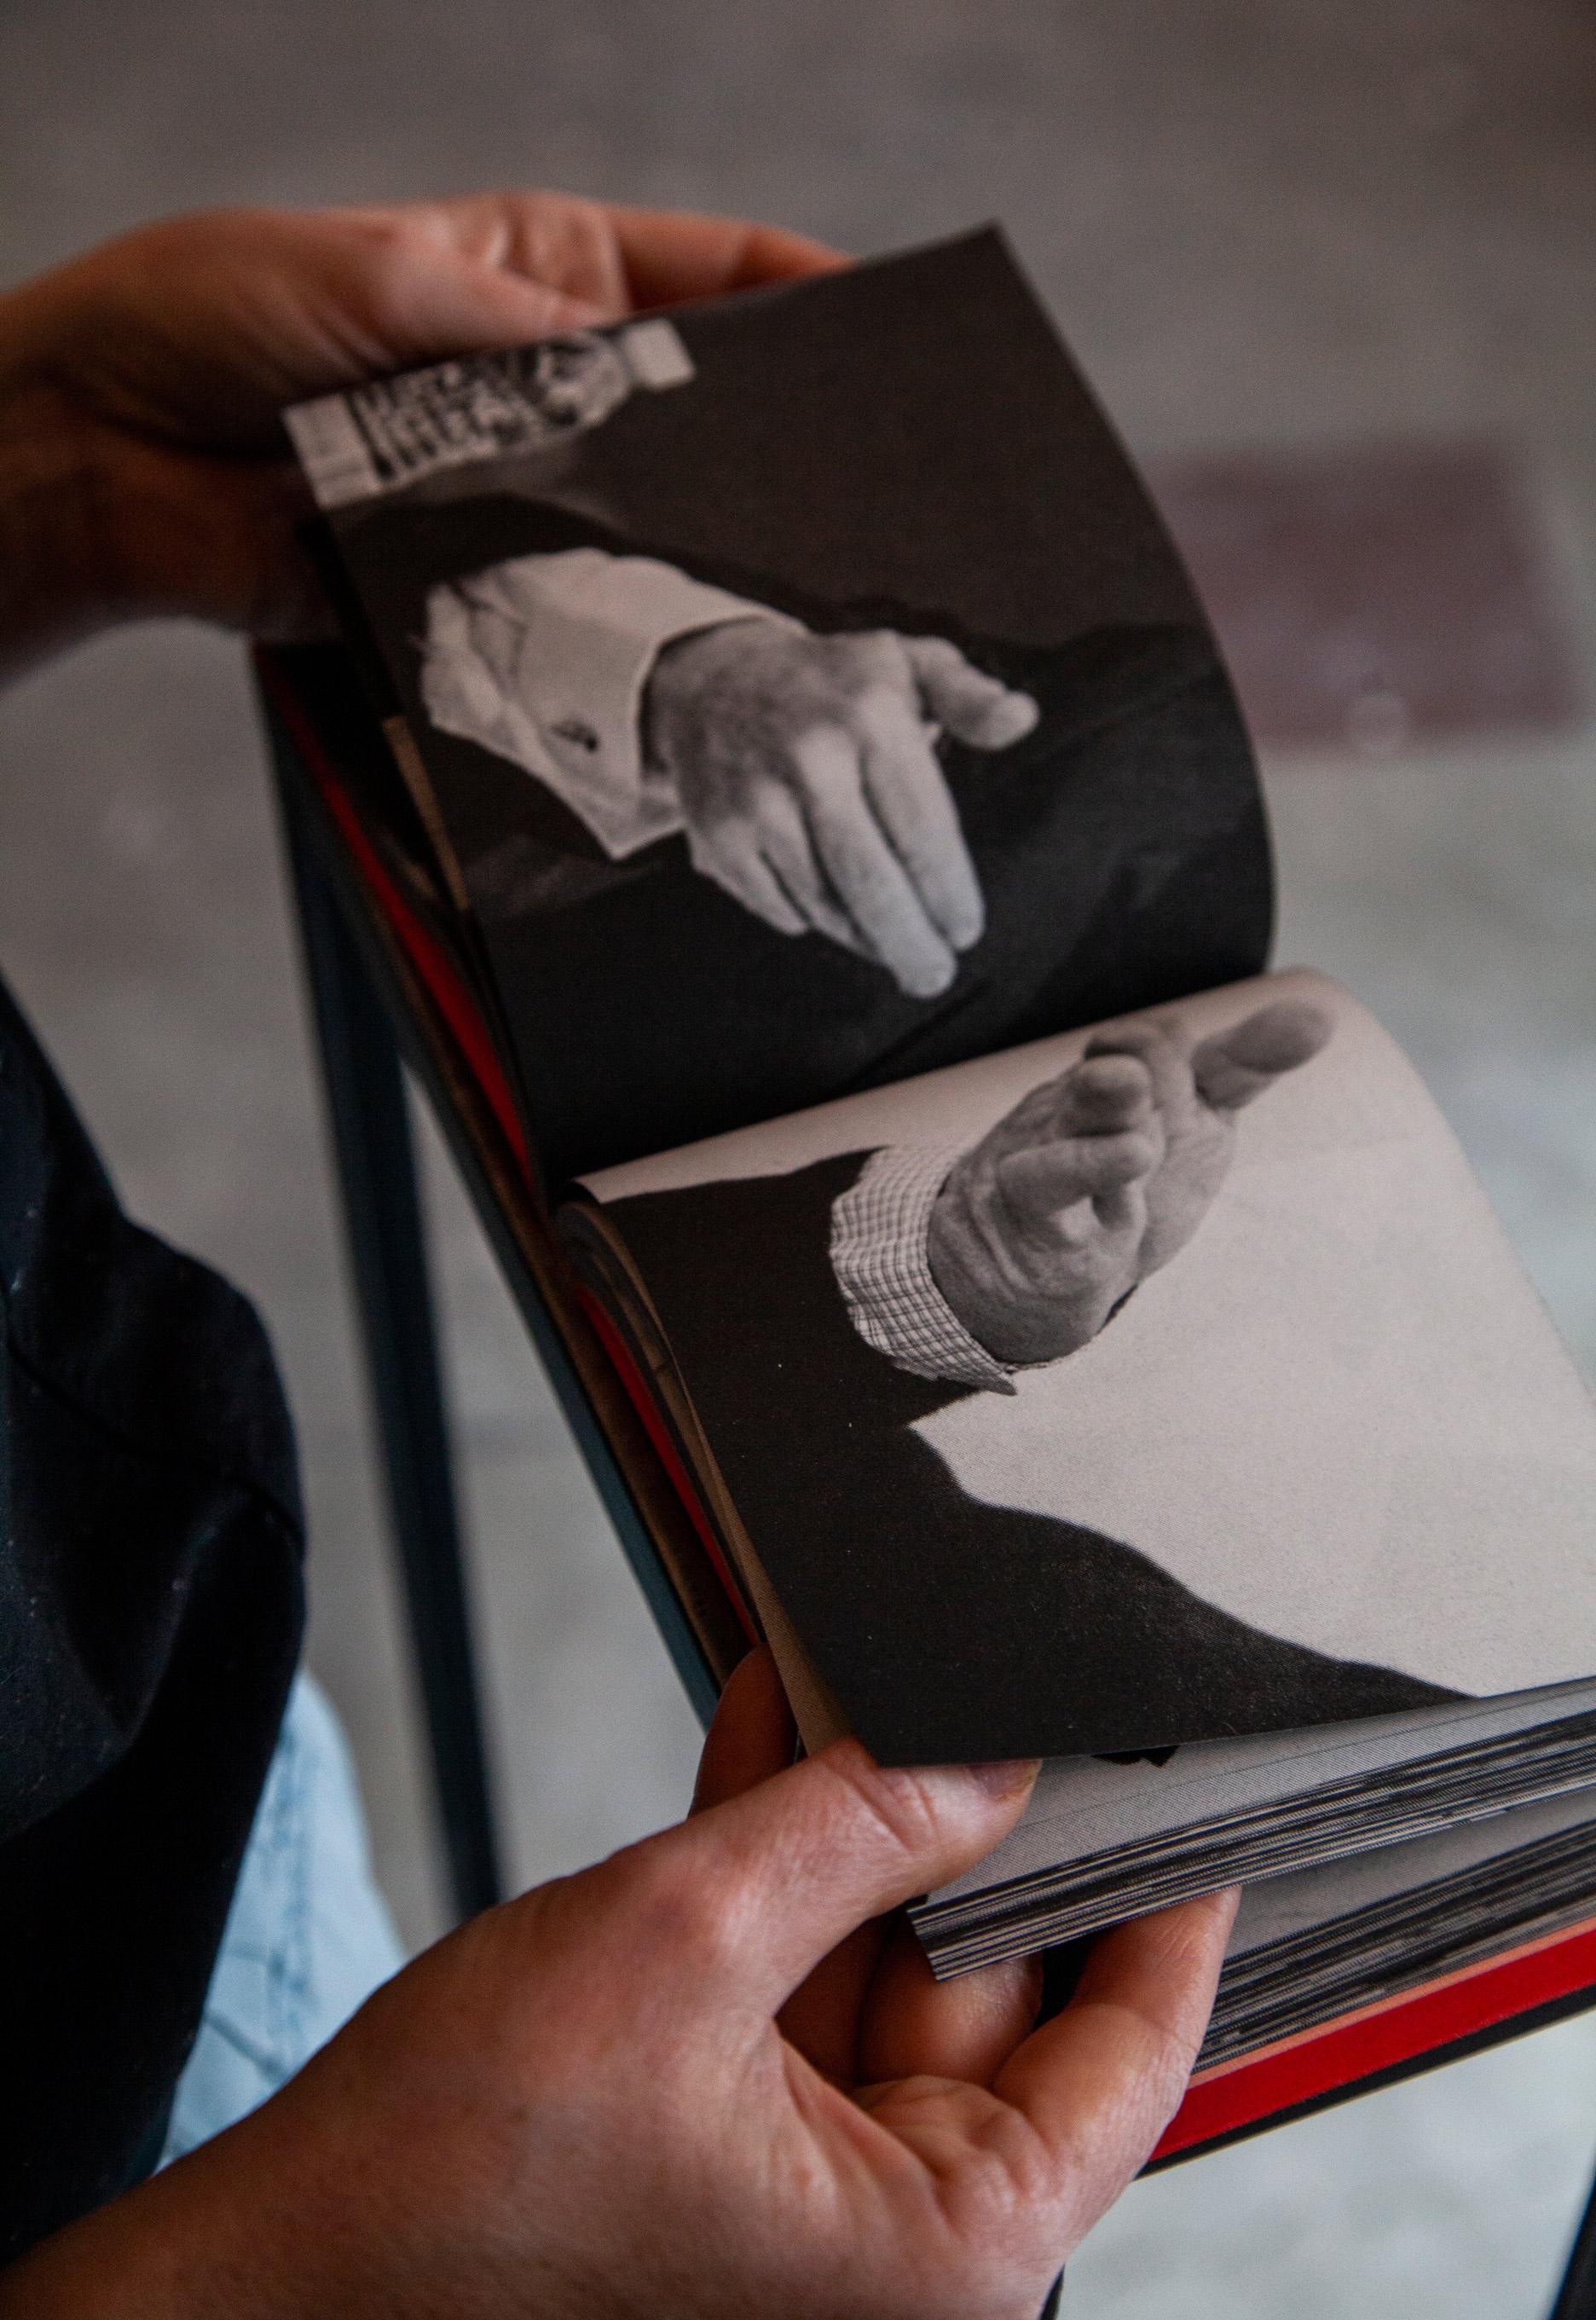 María Isabel Arango (Medellín, 1979),  Los gestos muertos , 2013-16, Artist book. 36 x 12 cm